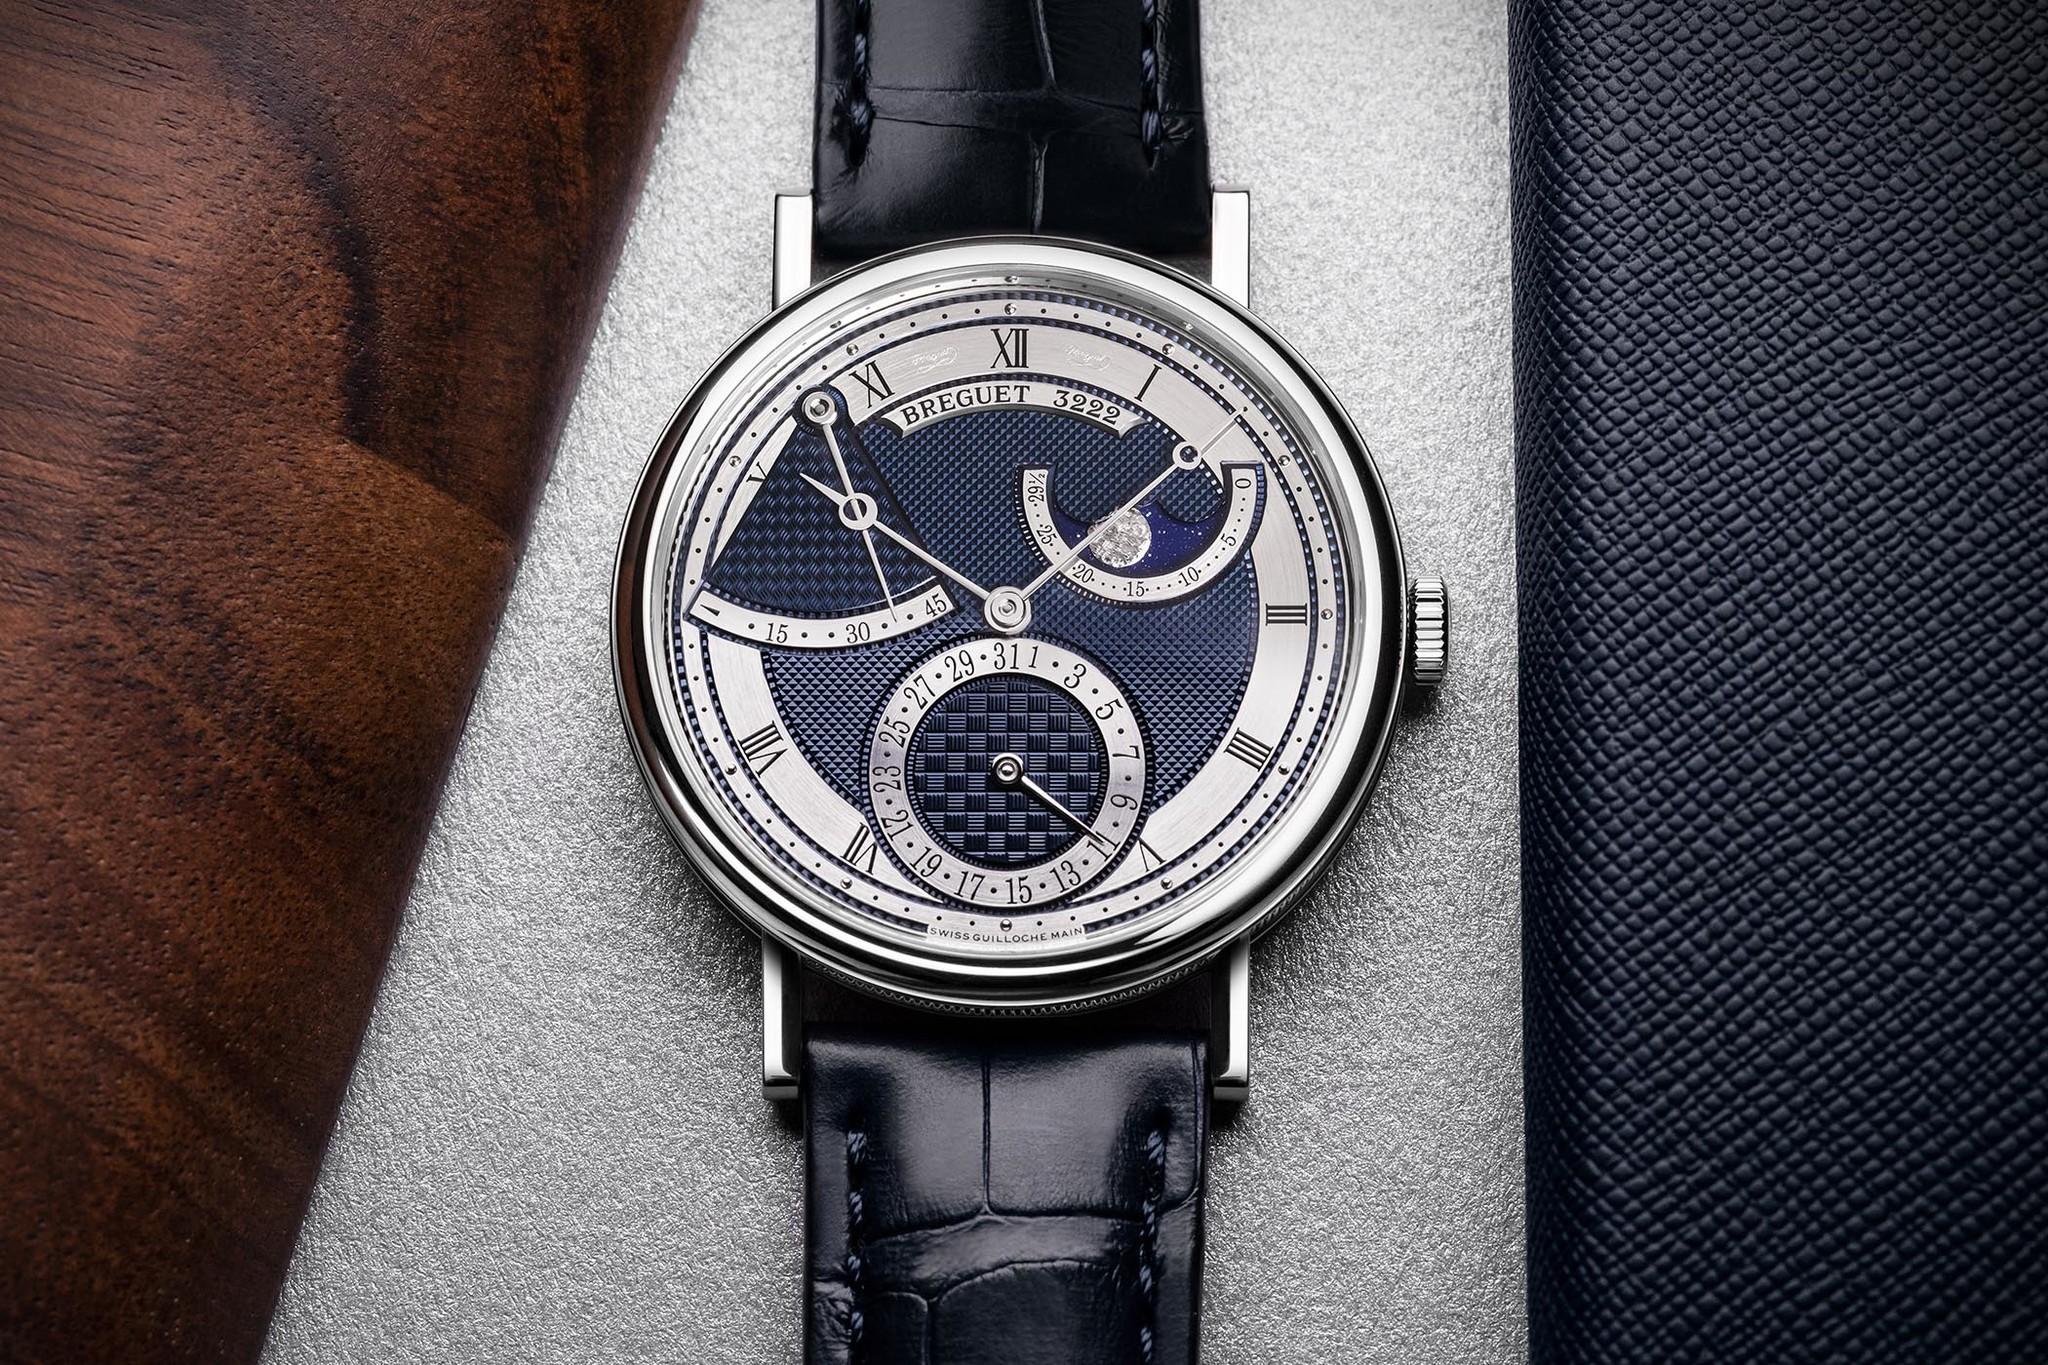 De Breguet Classique 7137 horloges staan voor modern design met klassieke elementen